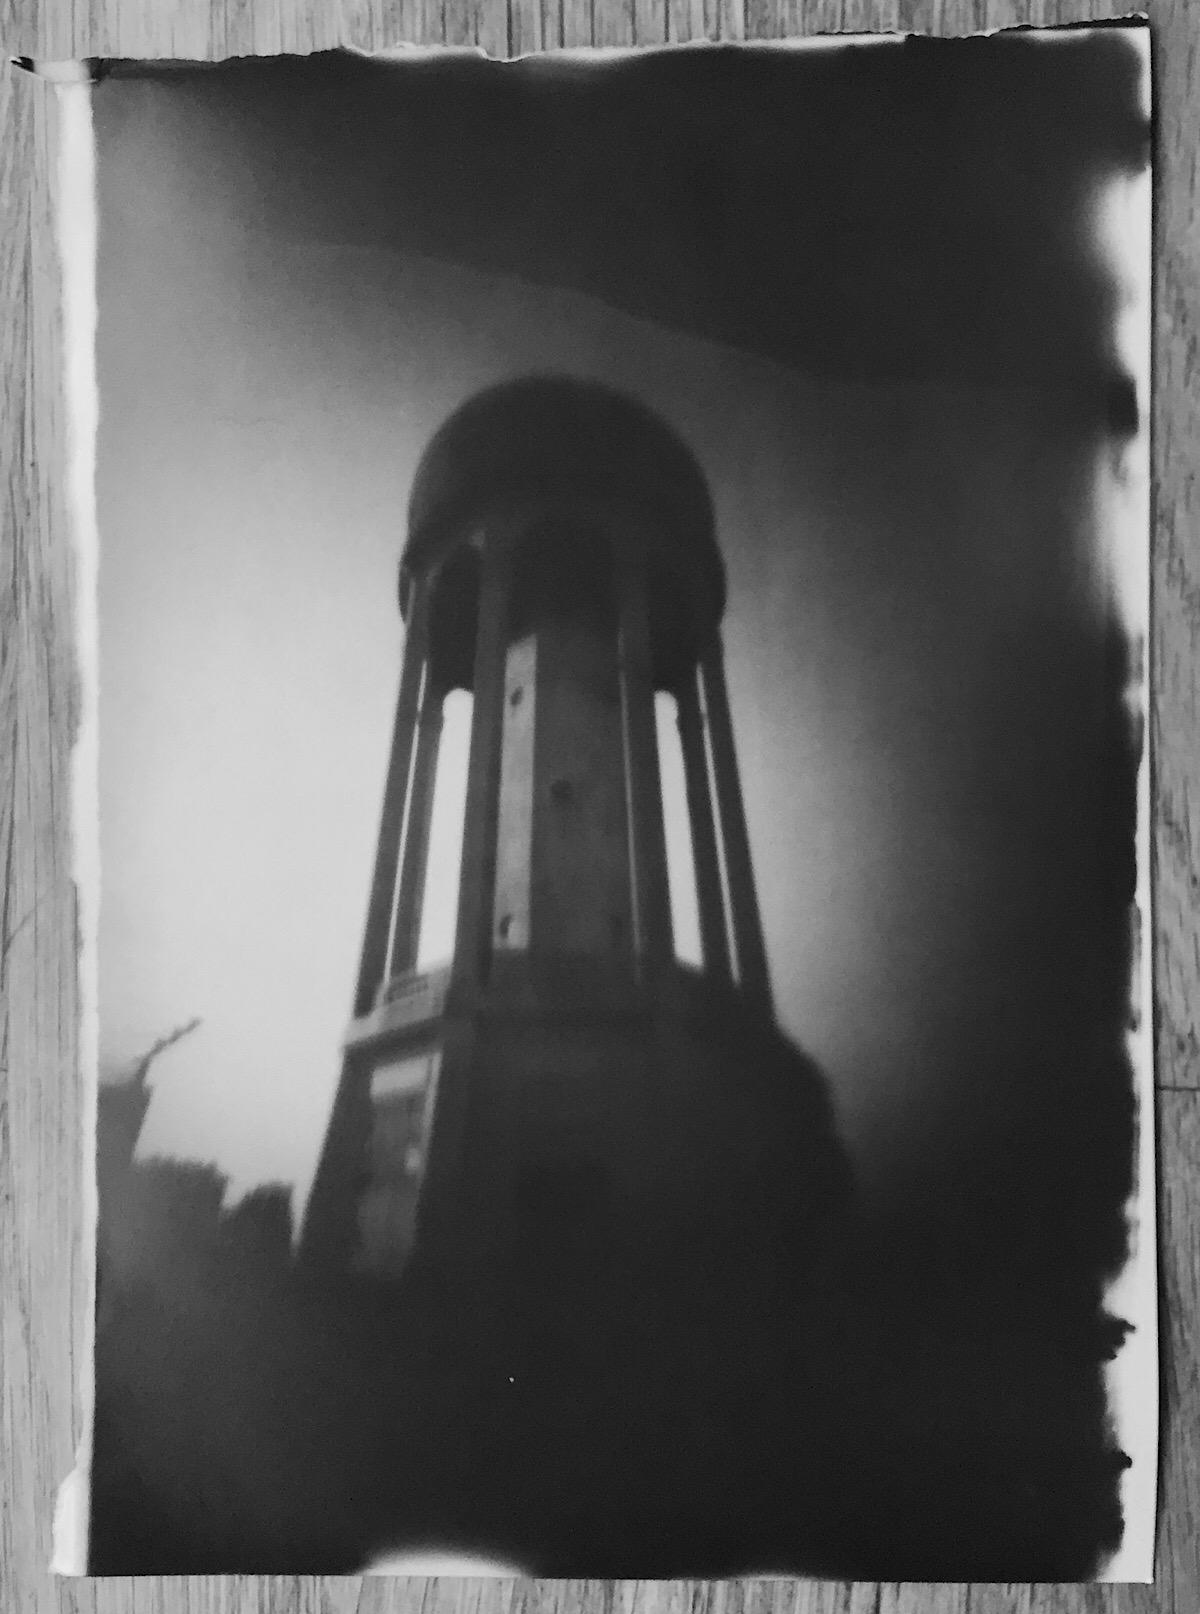 Tilehurst Water Tower In Foamcore Pinhole.